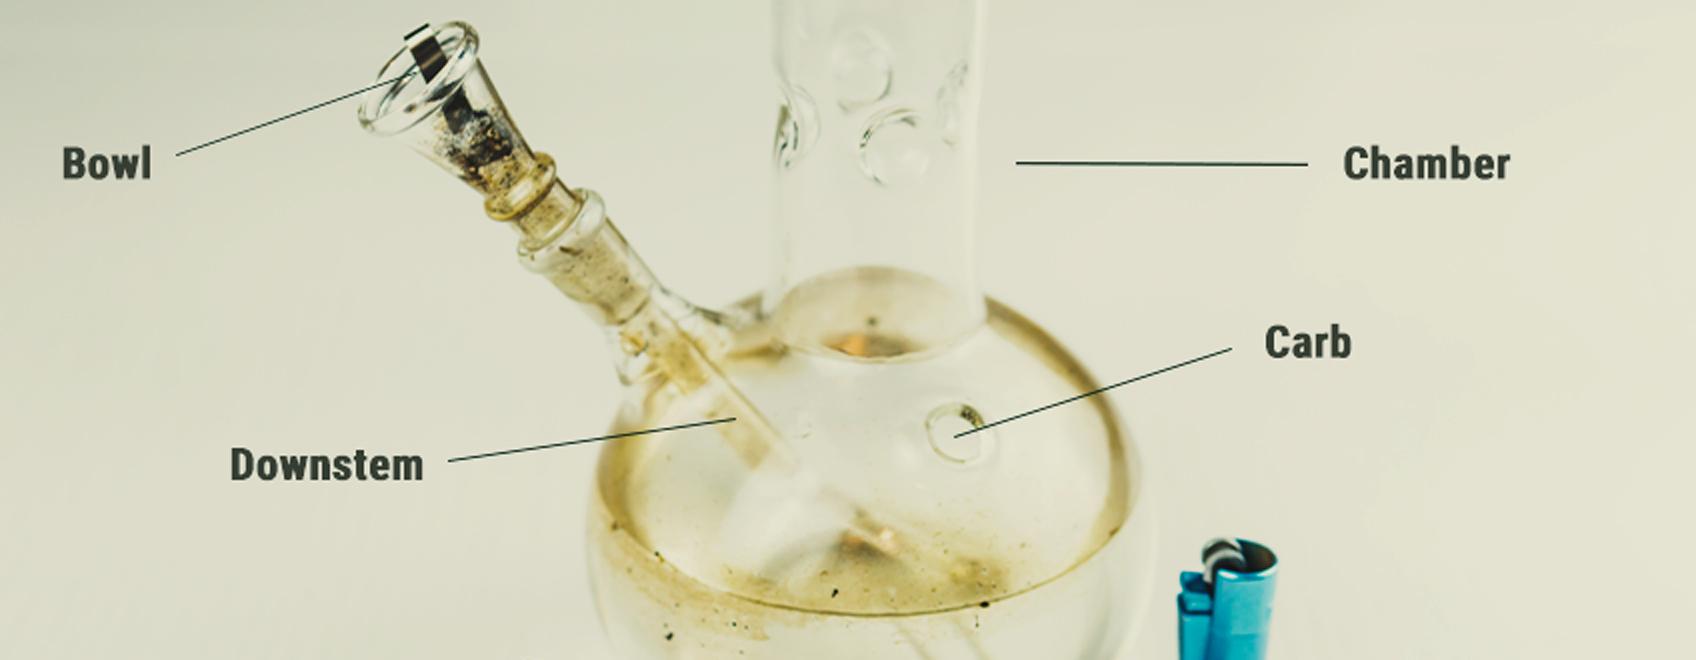 ¿Cómo filtra el humo el agua de un bong?